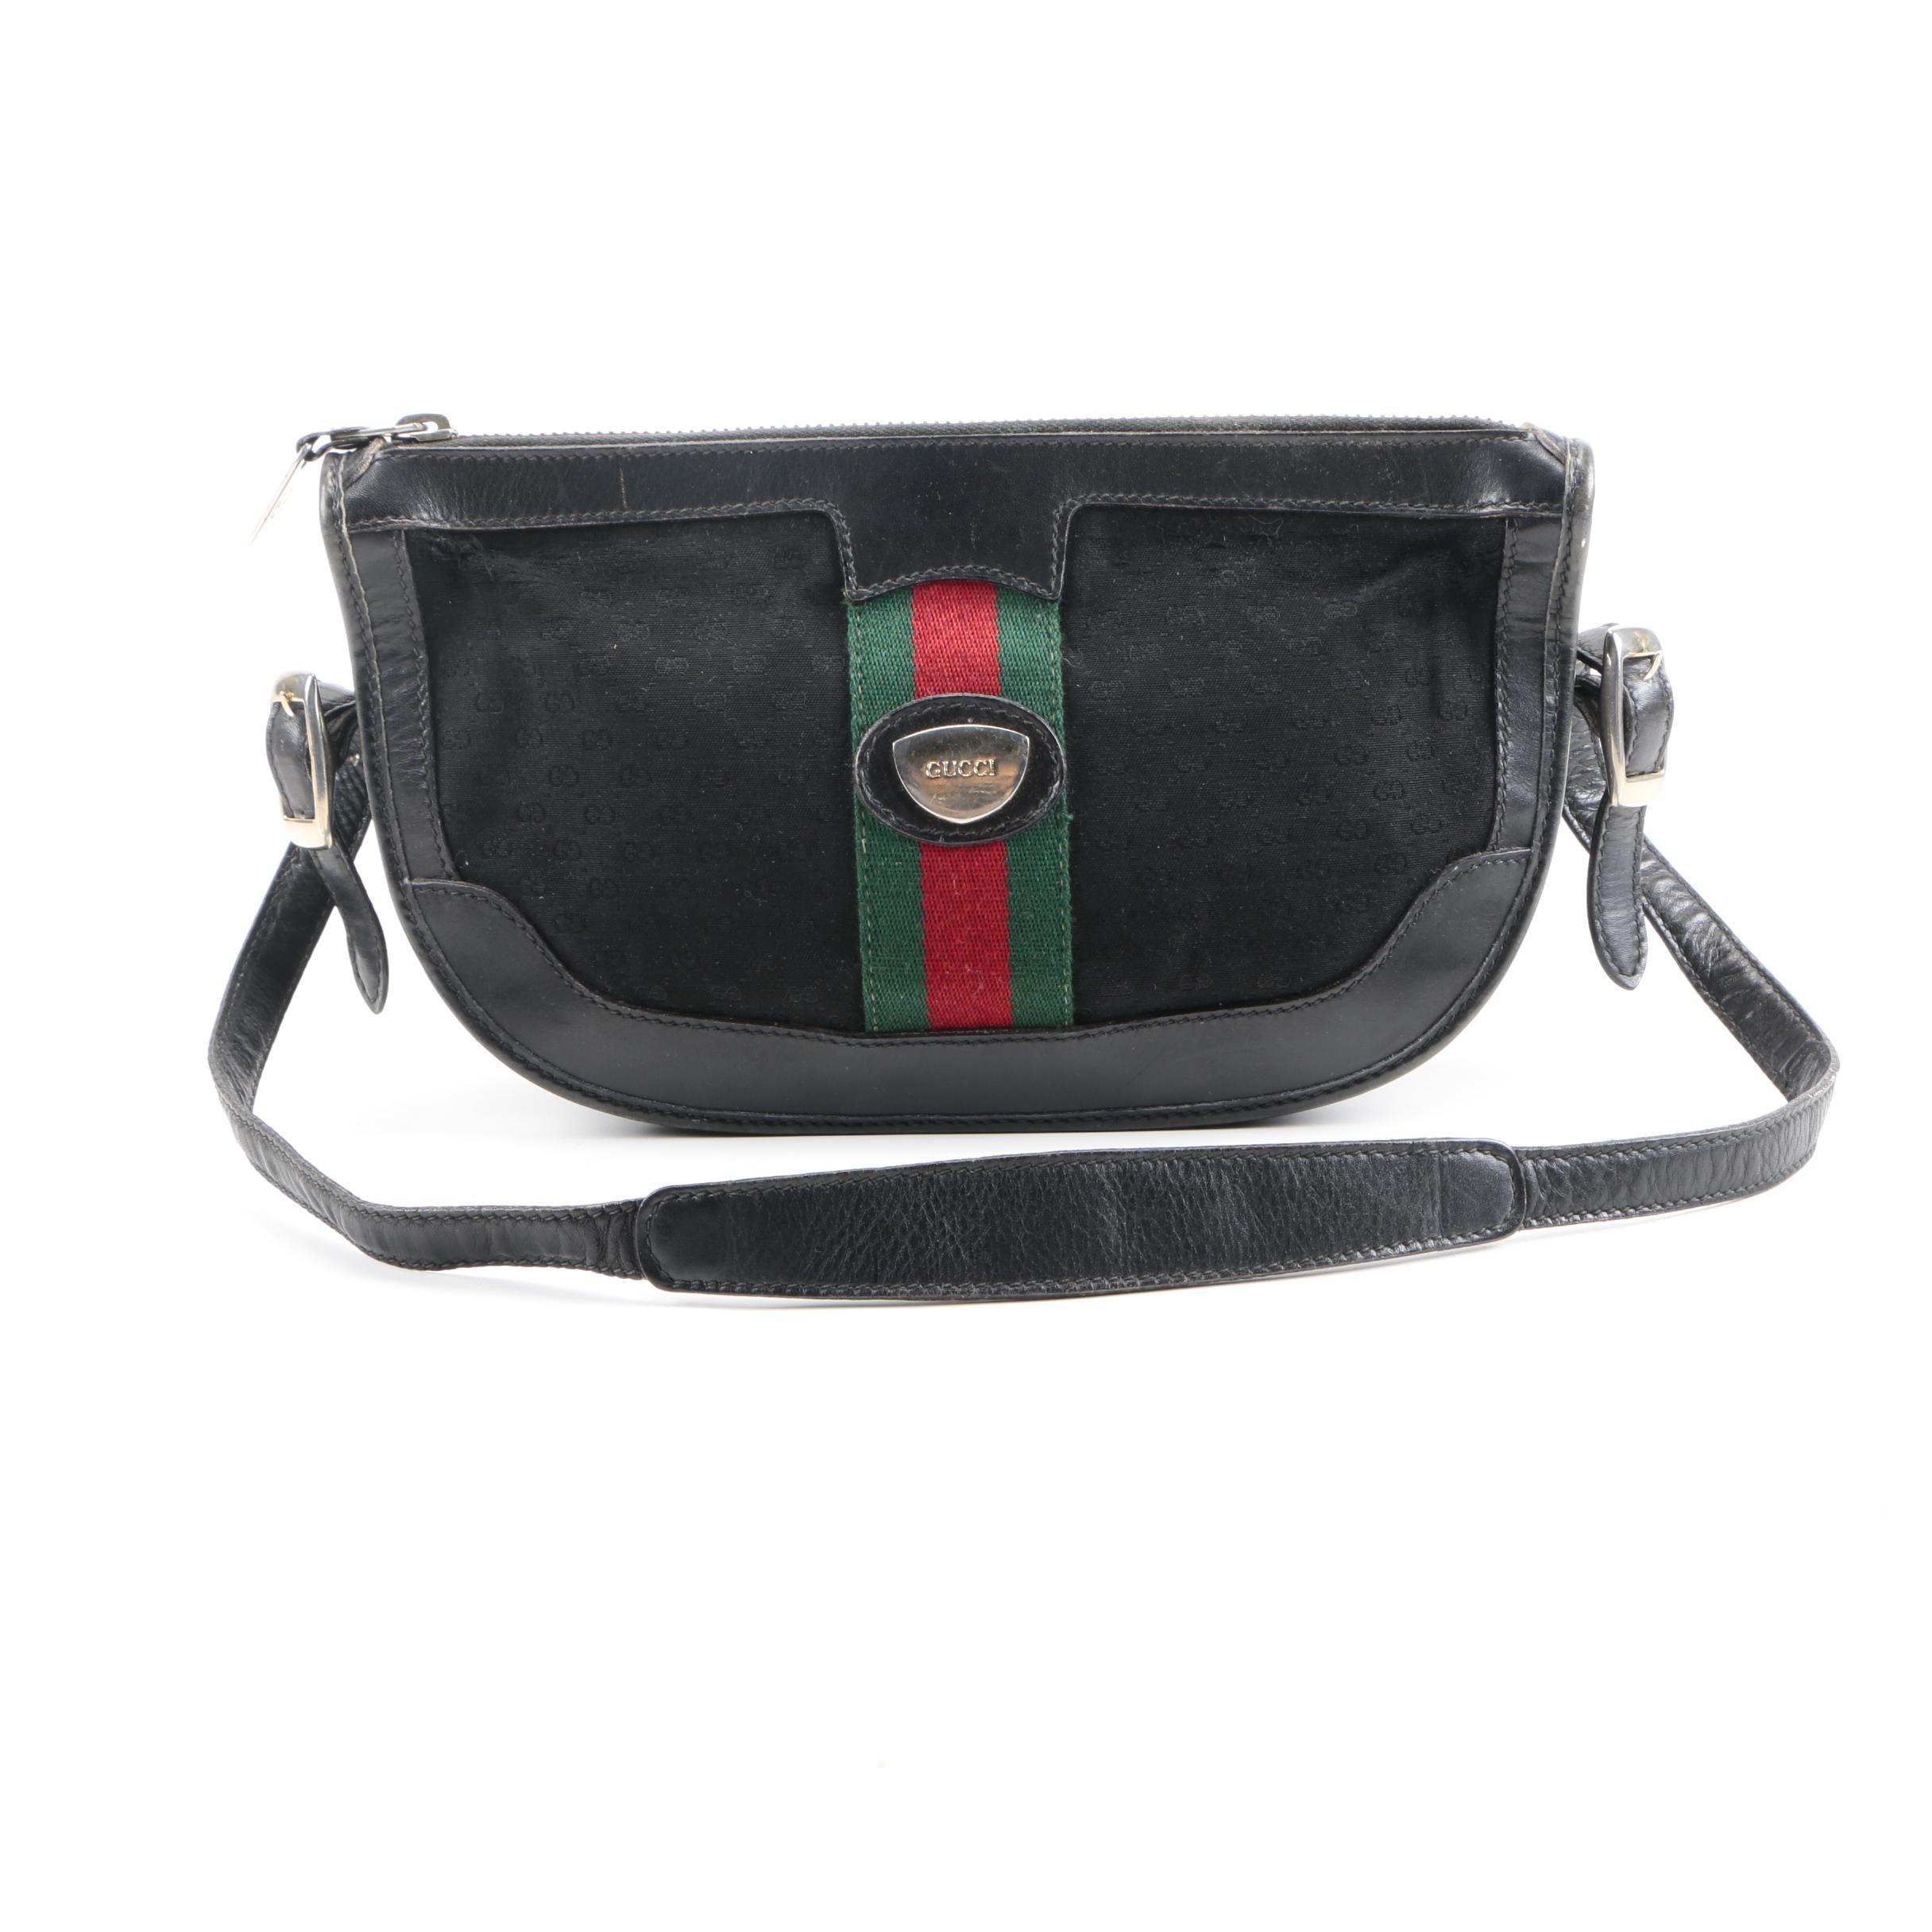 Vintage Gucci Monogram Canvas handbag